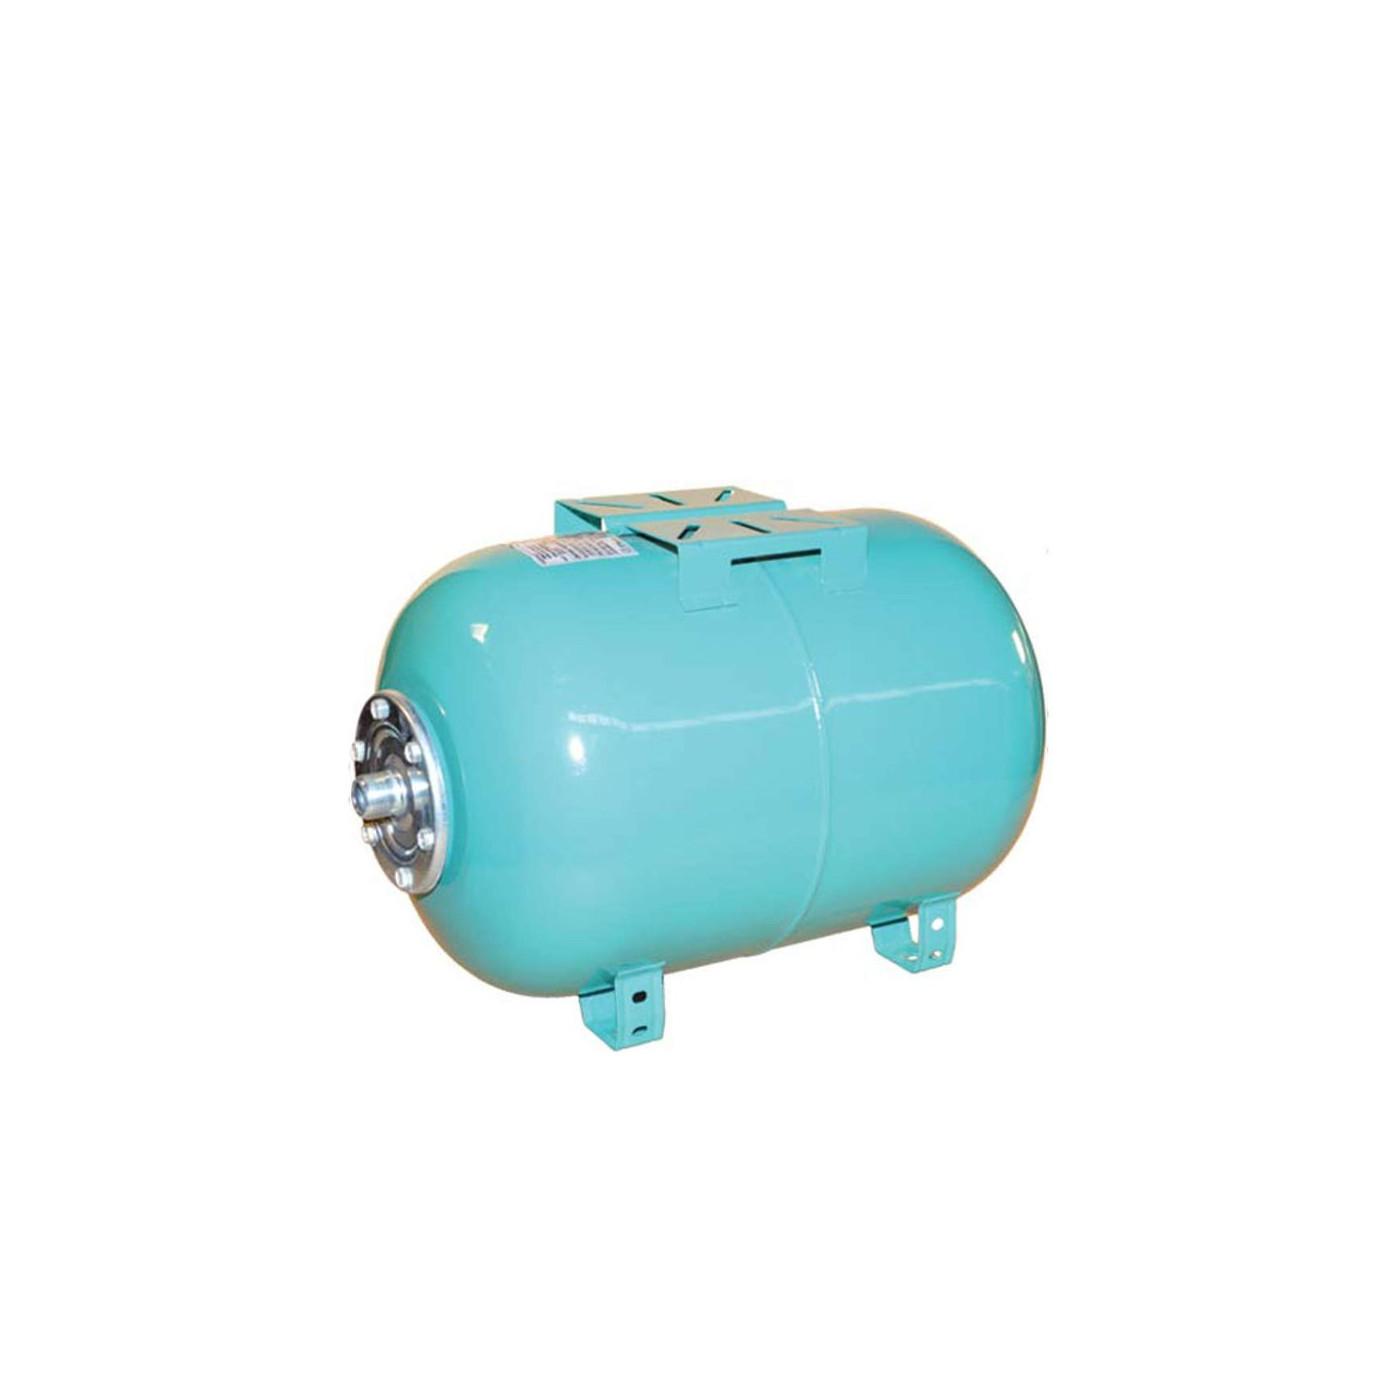 Druckkessel Druckbehälter 200L Membrankessel Hauswasserwerk ...